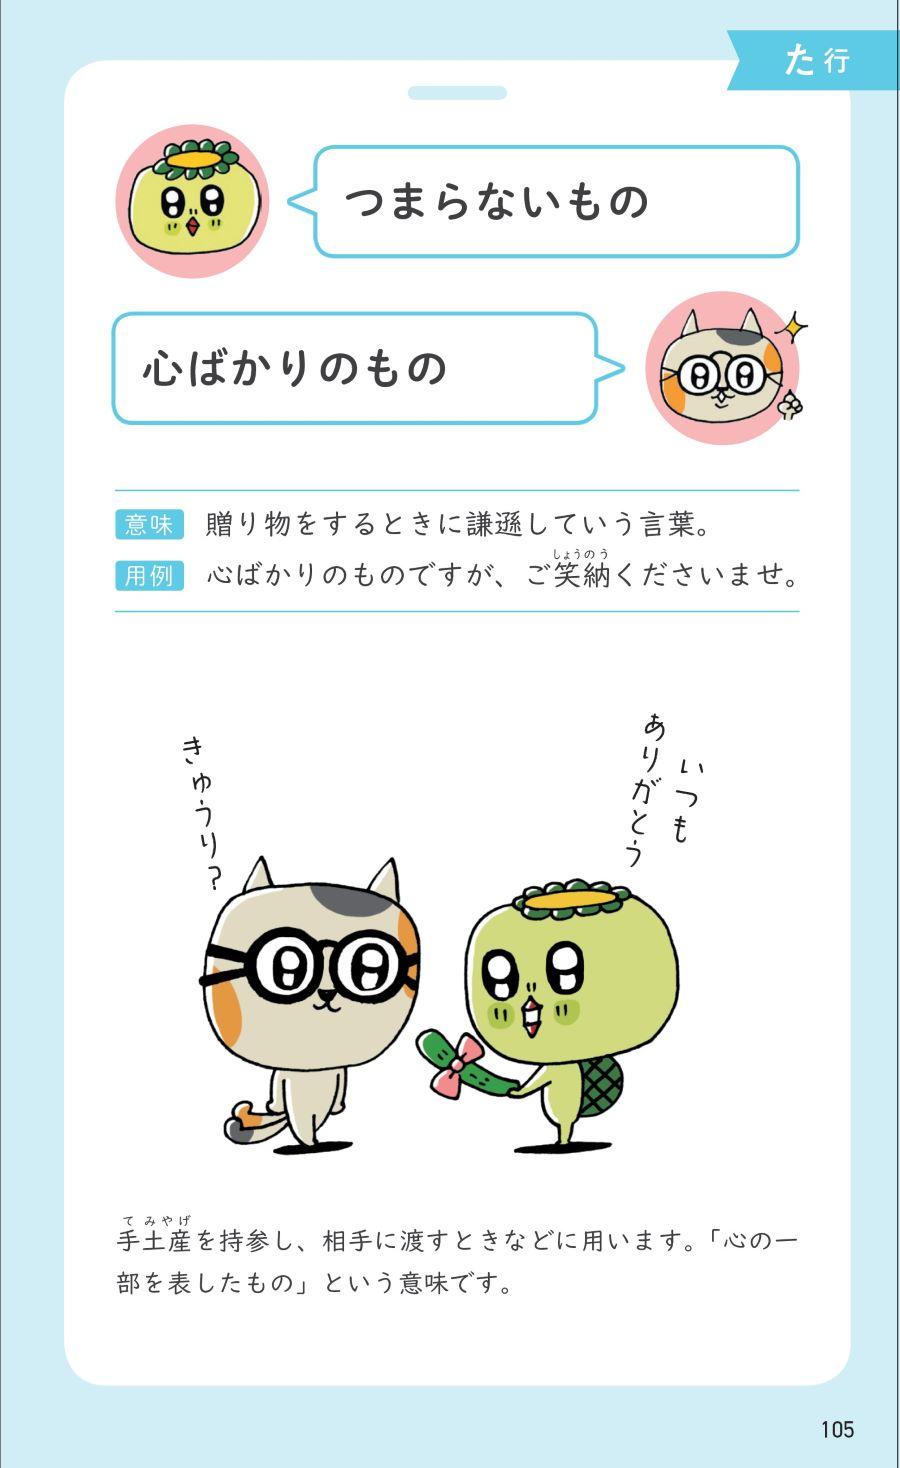 20210605_ことば選び辞典5.jpg